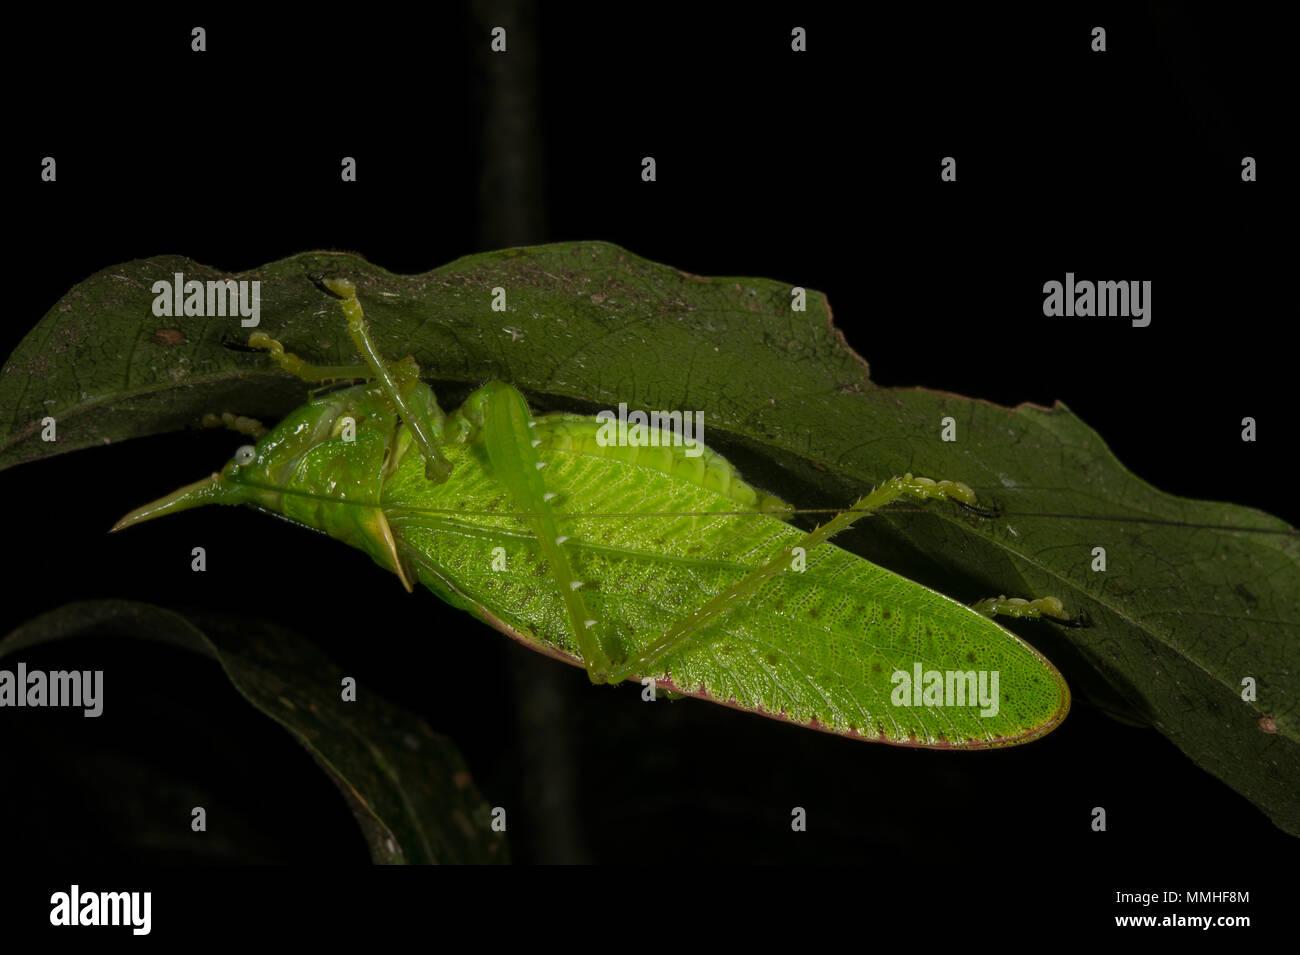 Männliche von Rhinoceros Copiphora Spearbearer, Nashorn, Tettigoniidae, Orthoptera, Monteverde Cloud Forest Reserve, Costa Rica, Centroamerica Stockbild